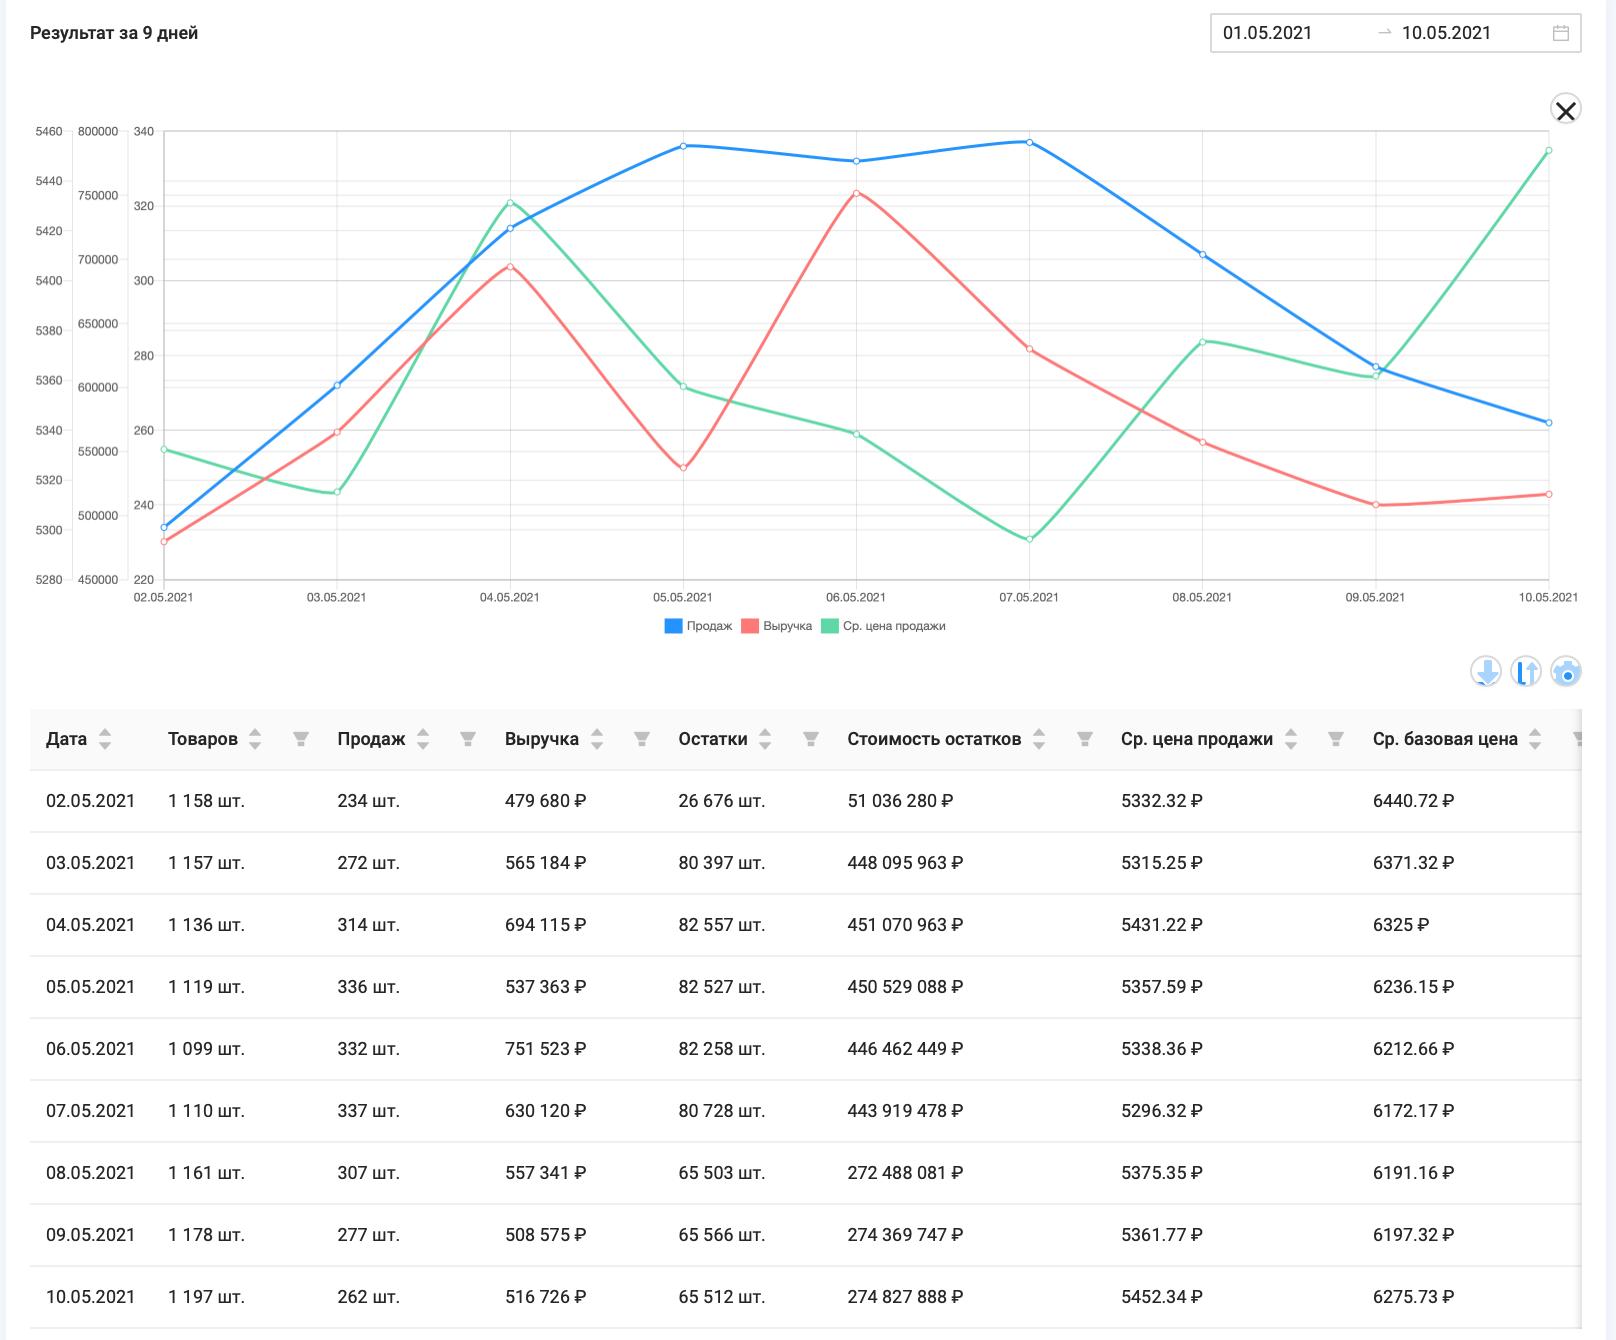 """Данные по объему выручки, объемам продаж, средней стоимости товаров категории """"Комплектующие для ПК"""" маркетплейса Wildberries, период с 1.05-10.05.21, данные сервиса аналитики SellerFox"""